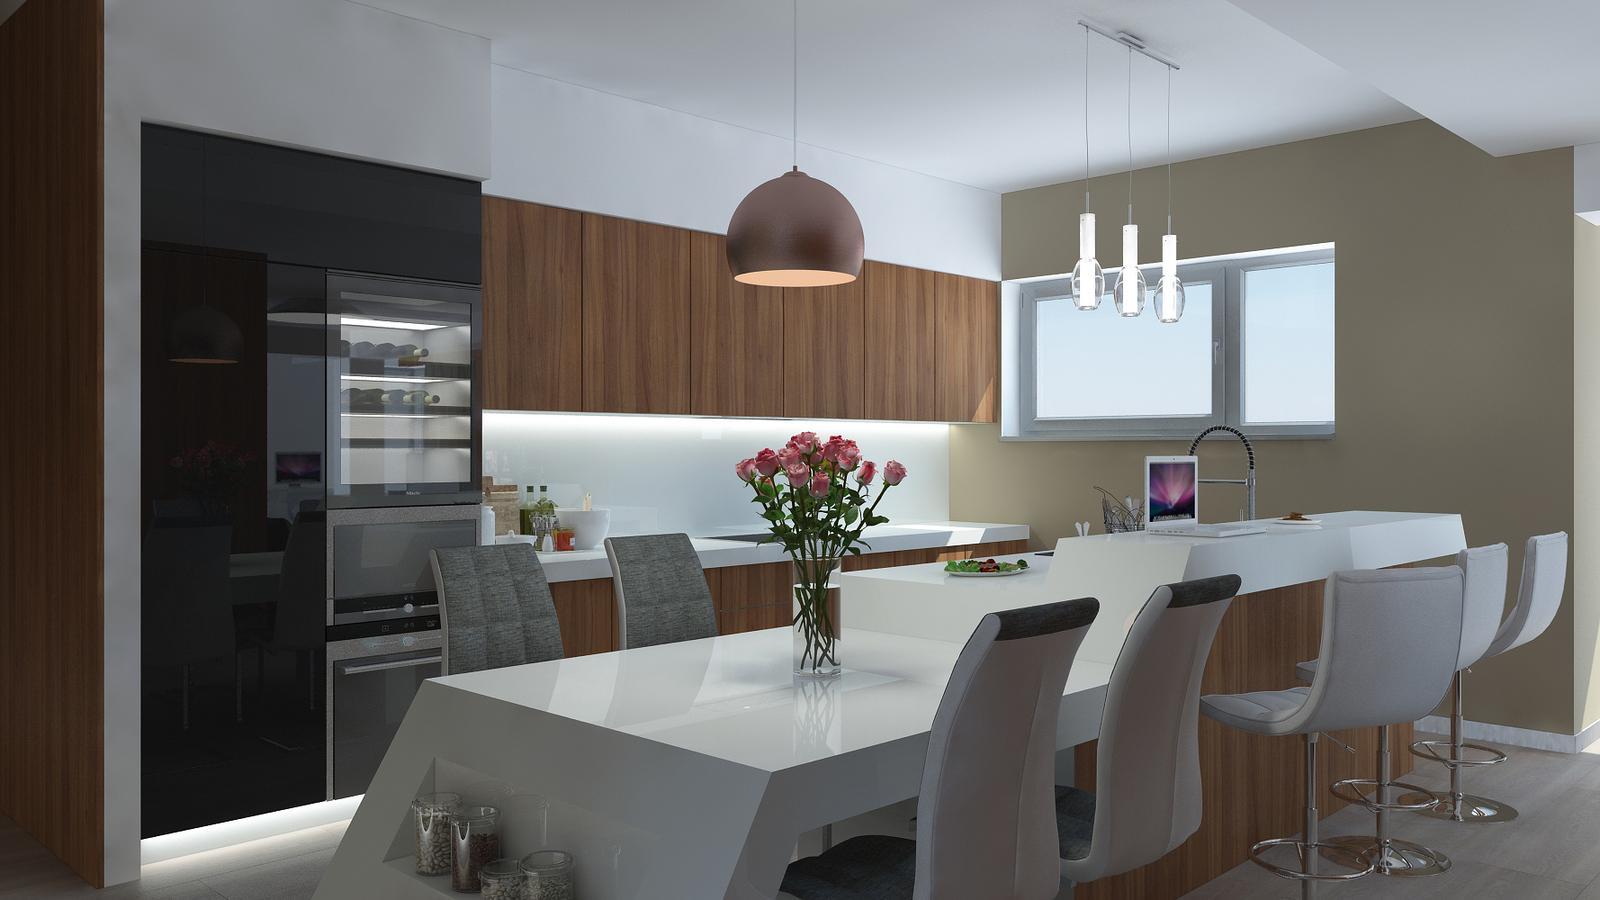 Návrh interiéru bytu - Kondominium Bojnice - Obrázok č. 1